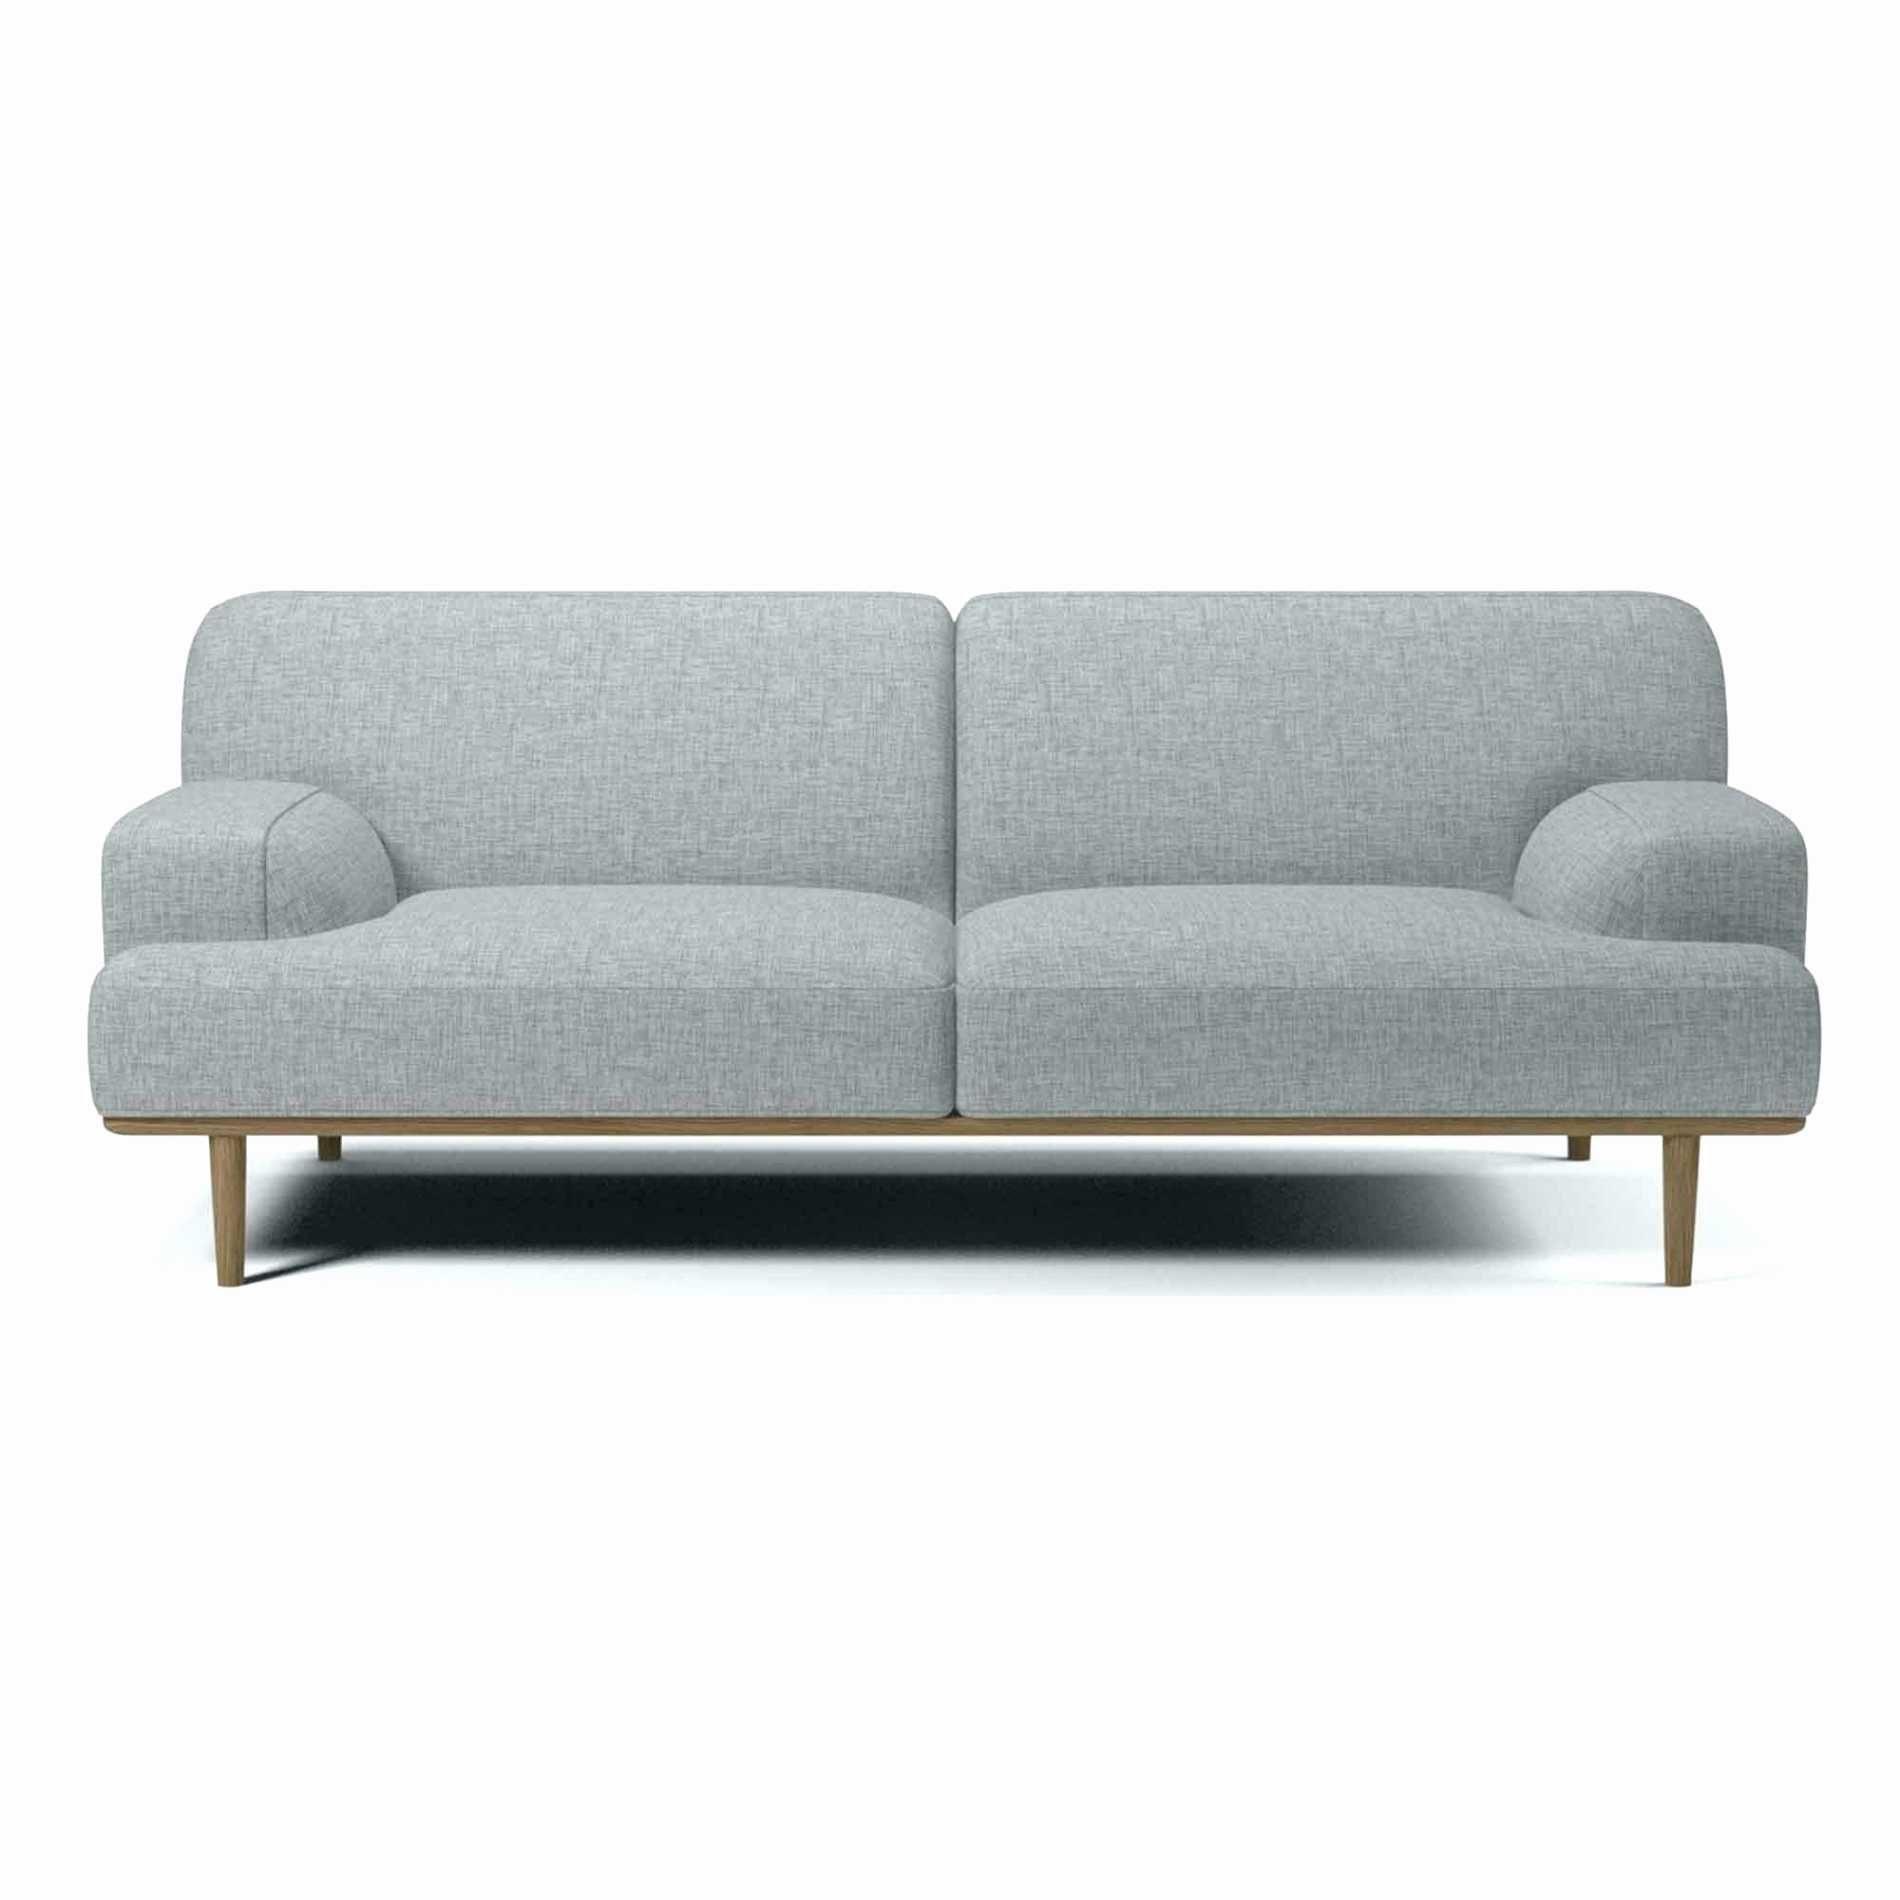 Lit Conforama 1 Place Le Luxe élégant Canapé Lit 1 Place Conforama Ou 45 Idées Canapé Convertible